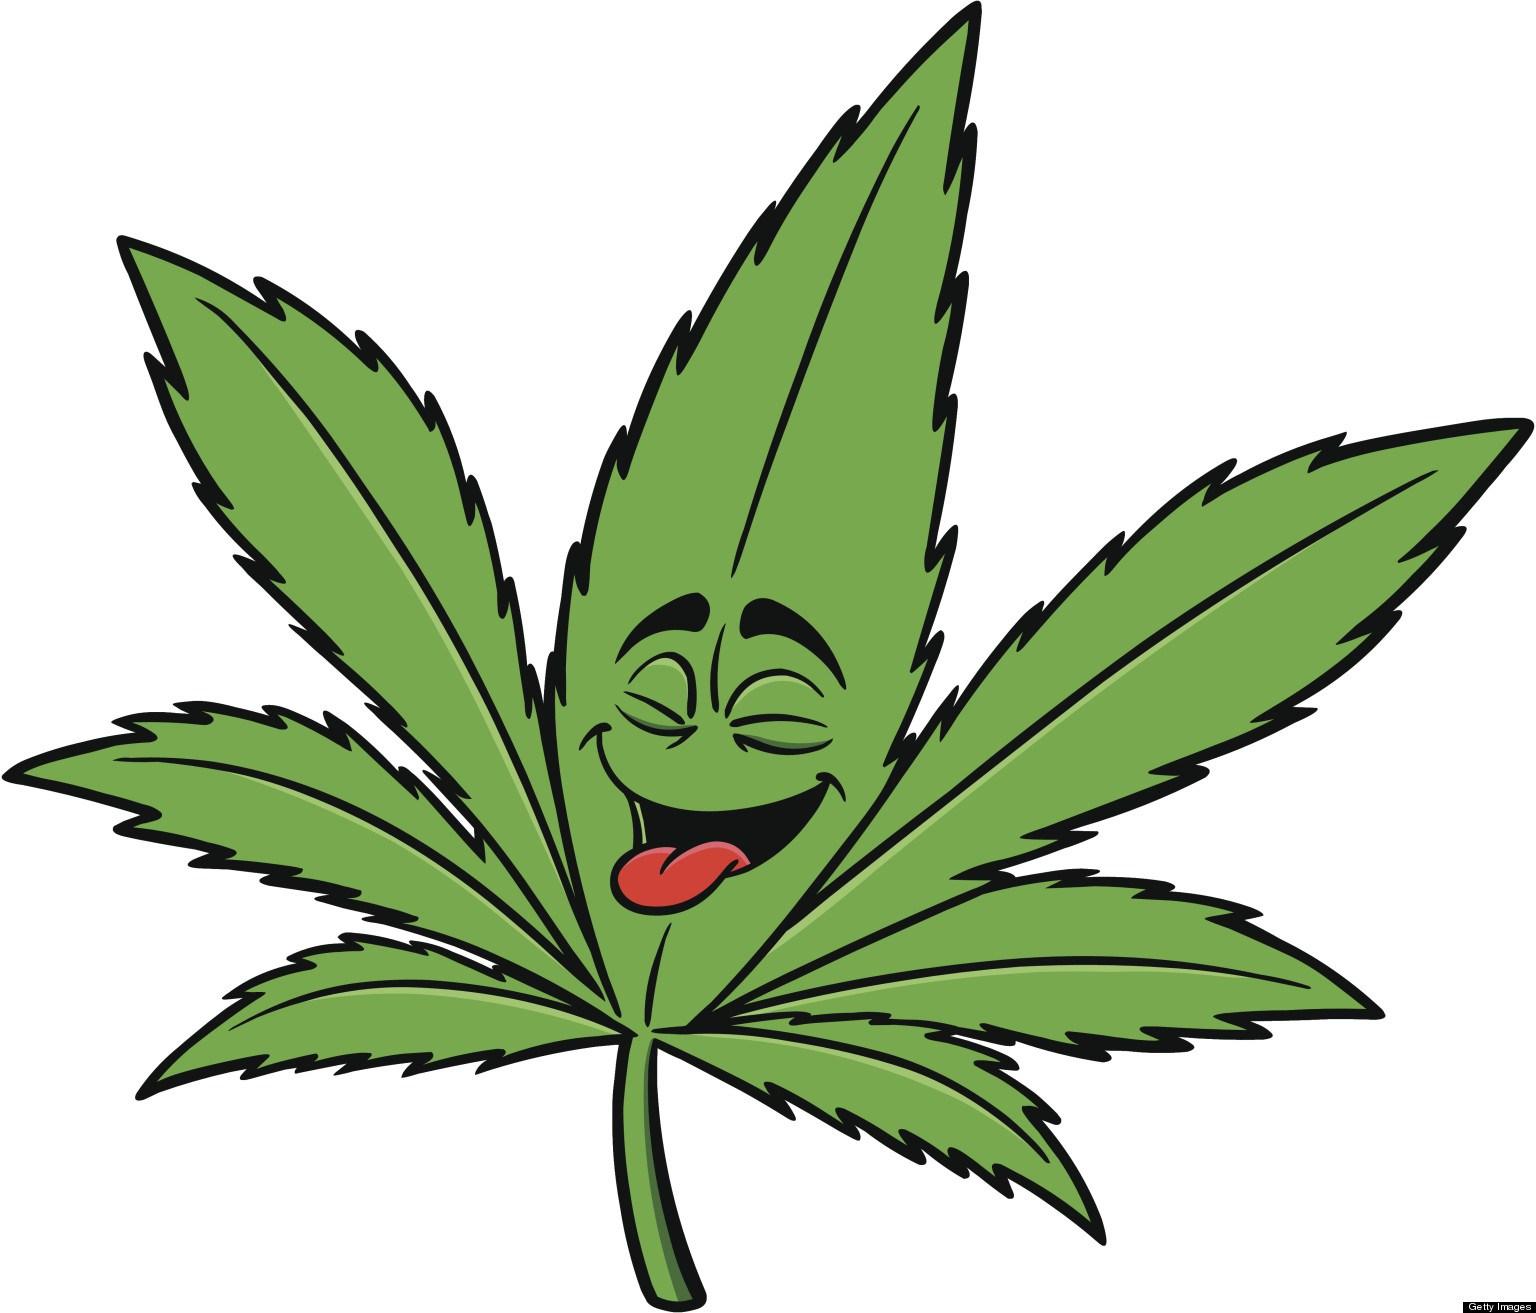 Top Marijuana Pot Leaf Clip .-Top Marijuana Pot Leaf Clip .-5